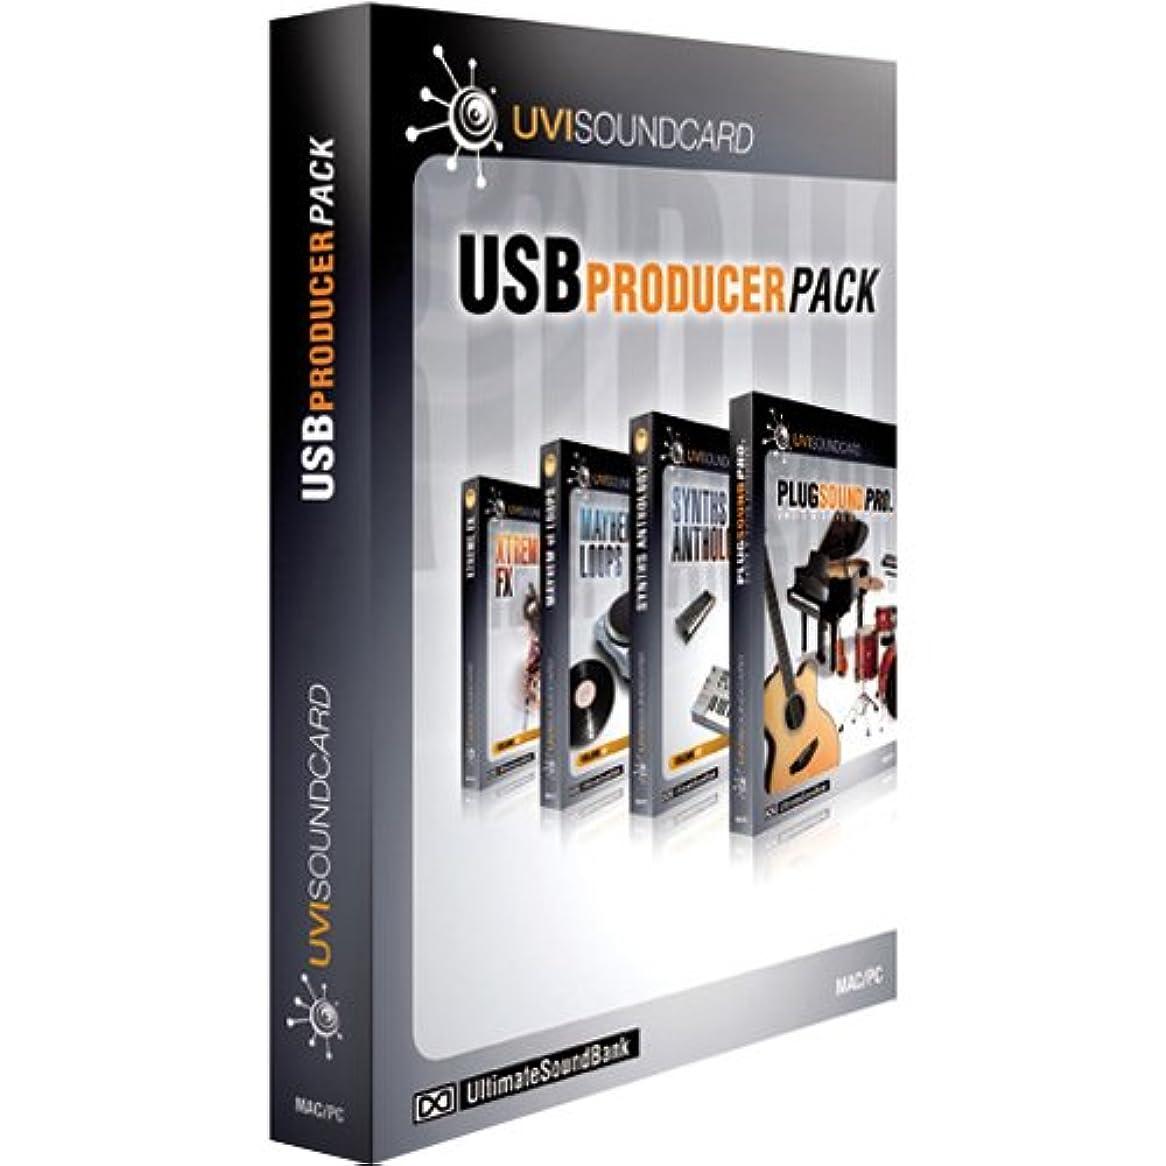 排泄物見習いデータUVI ソフトウェア音源 USB Producer Pack